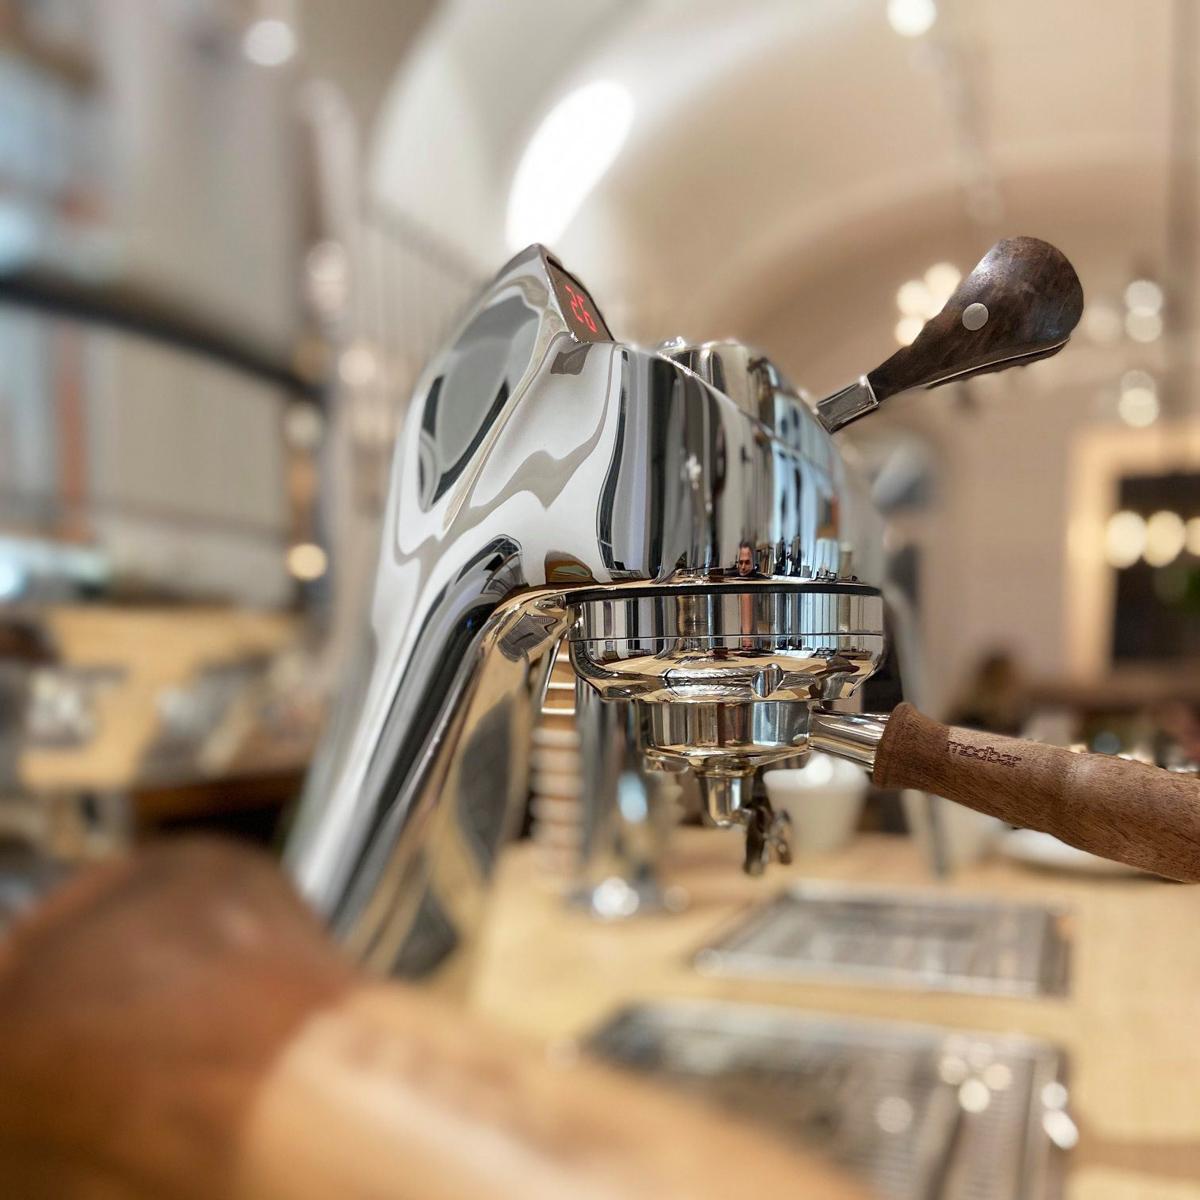 Café Kaffein in Wien